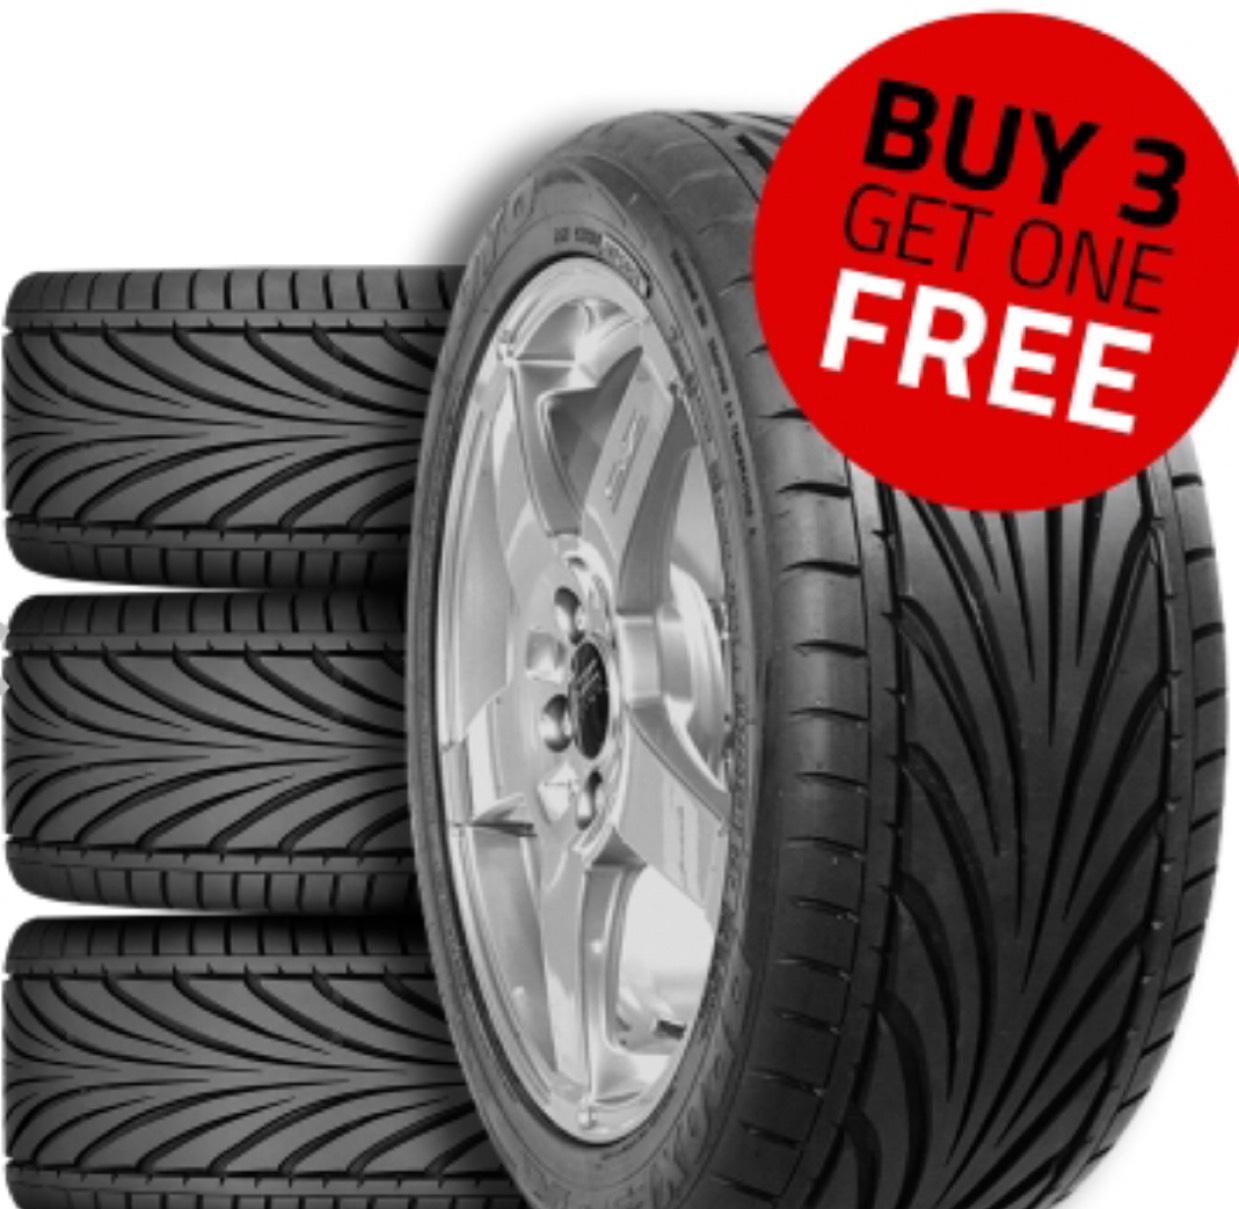 Toyo T1-R Tyres Buy 3 Get 1 Free £100.18 @ Demon tweeks